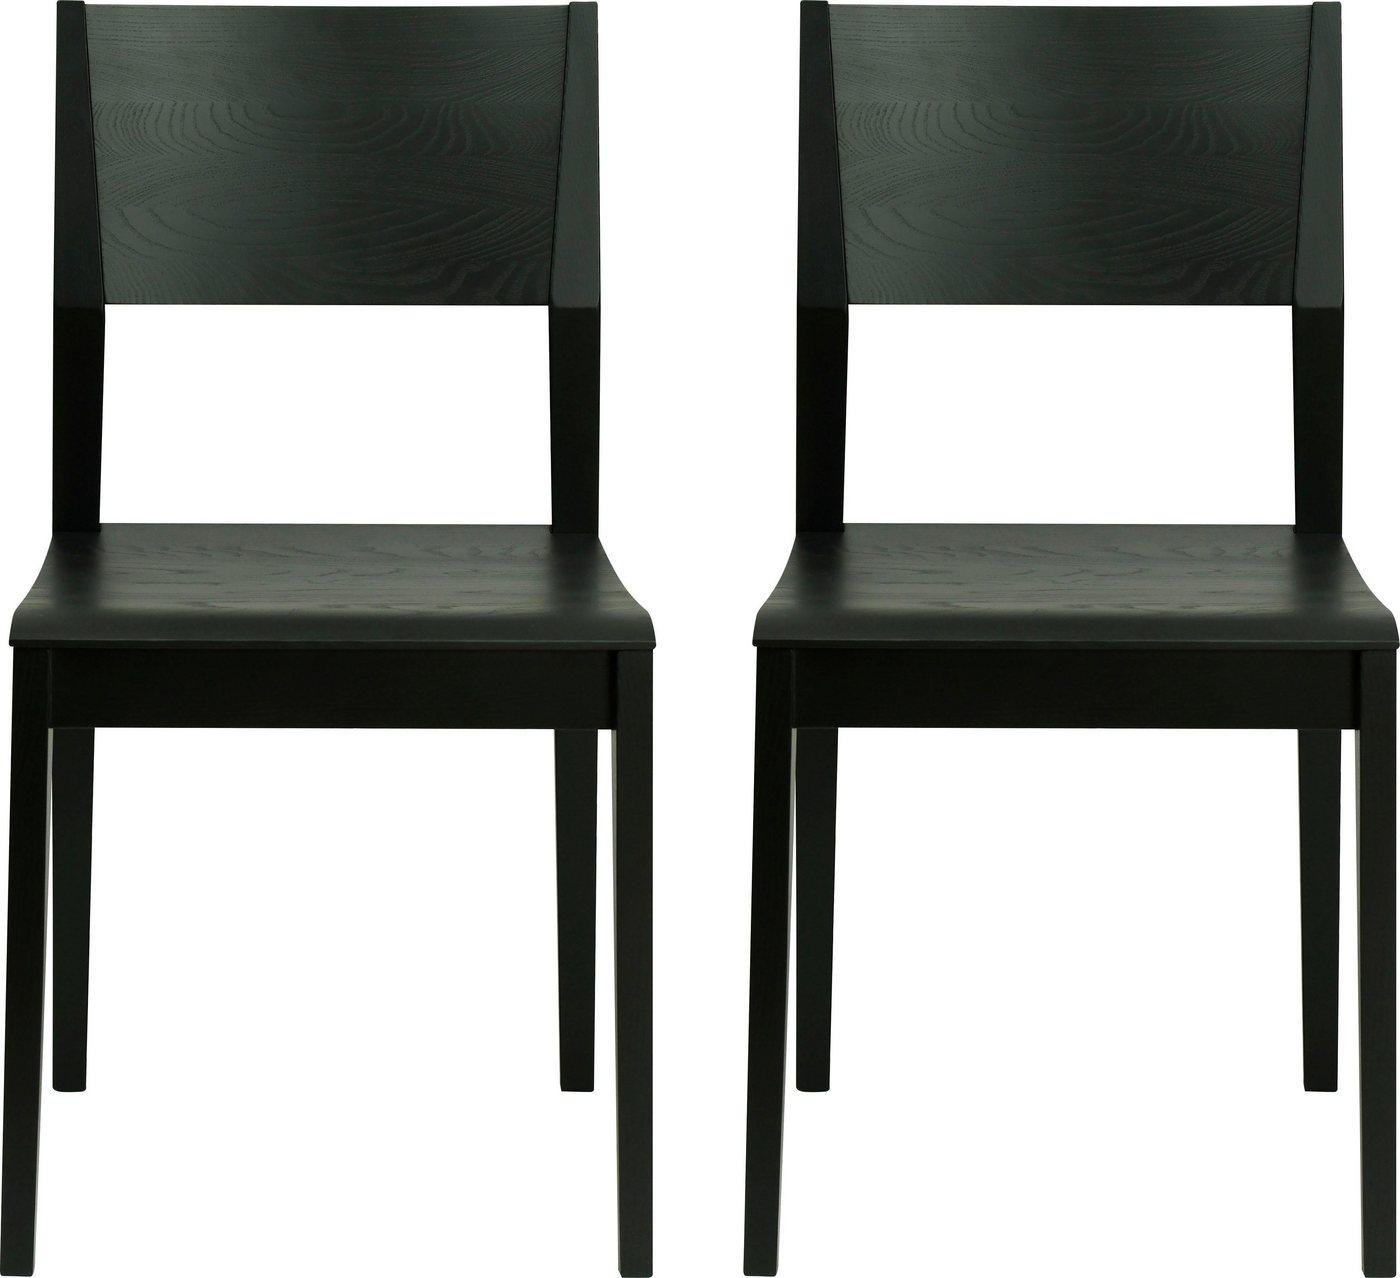 andas Stühle aus massiver Esche, schwarz lackiert (2 Stück)